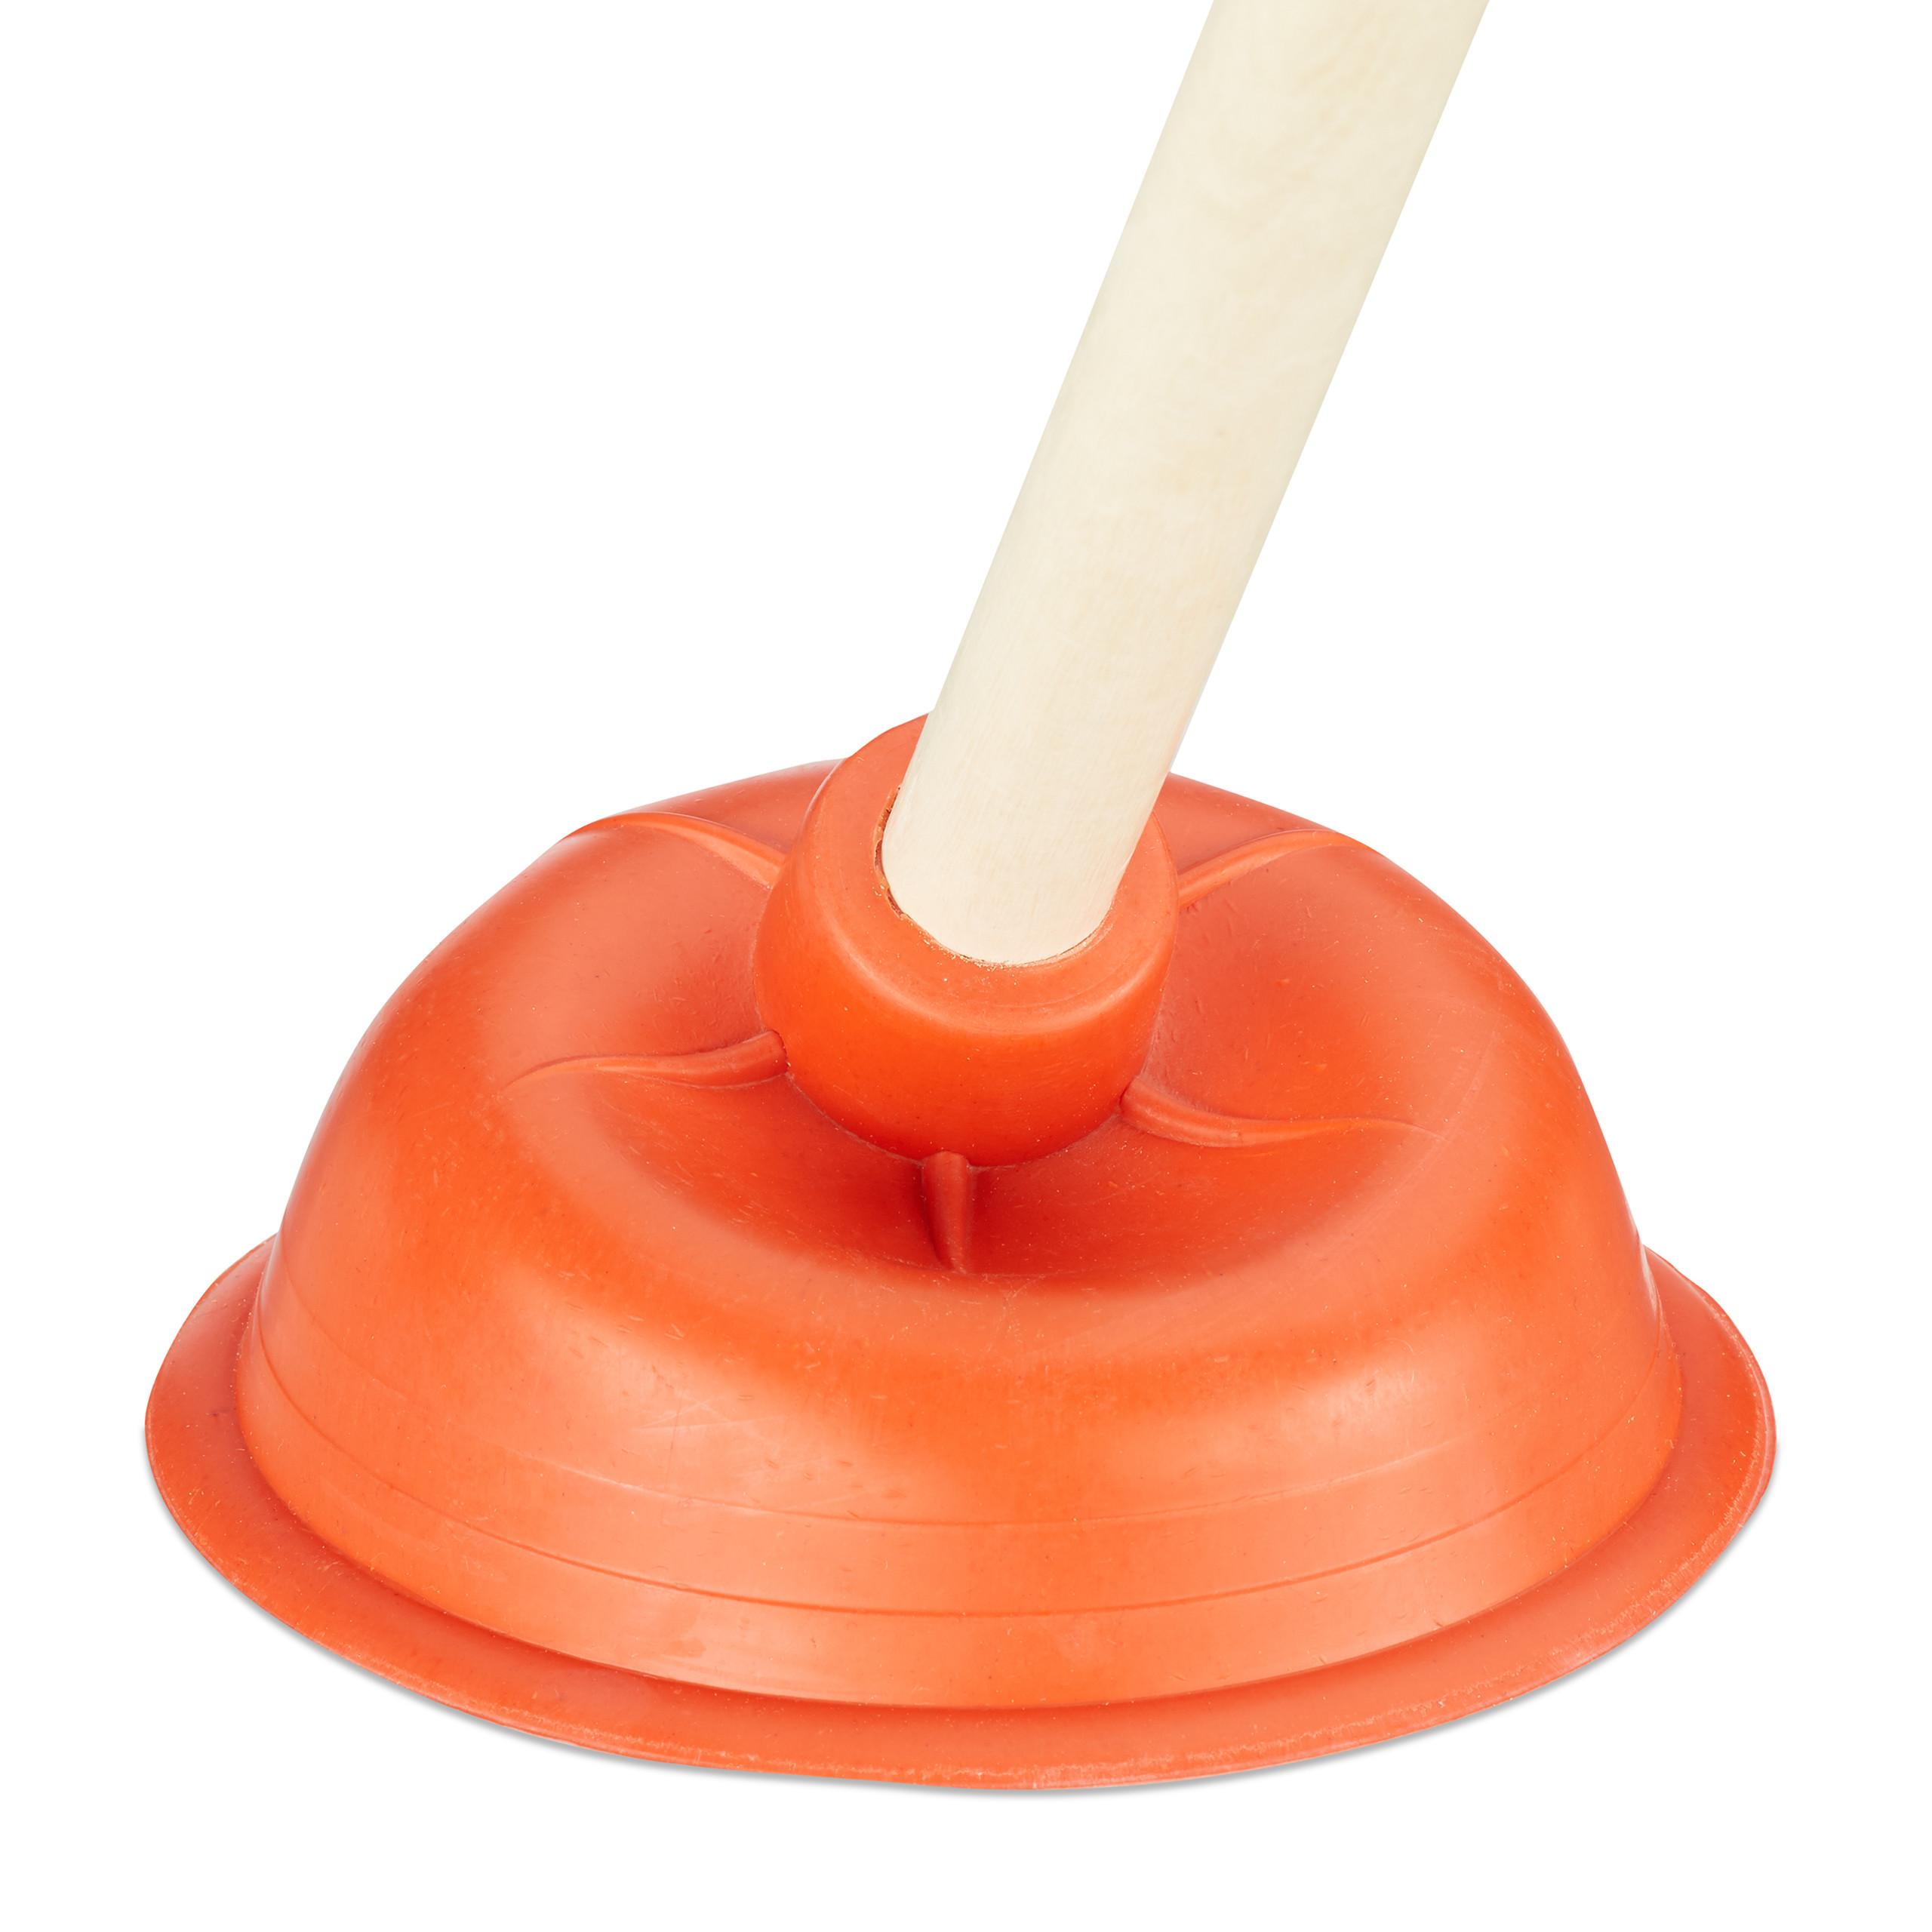 3er Set Abflussreiniger Pömpel Saugglocke Gummi Pümpel Klostampfer Rohrreiniger